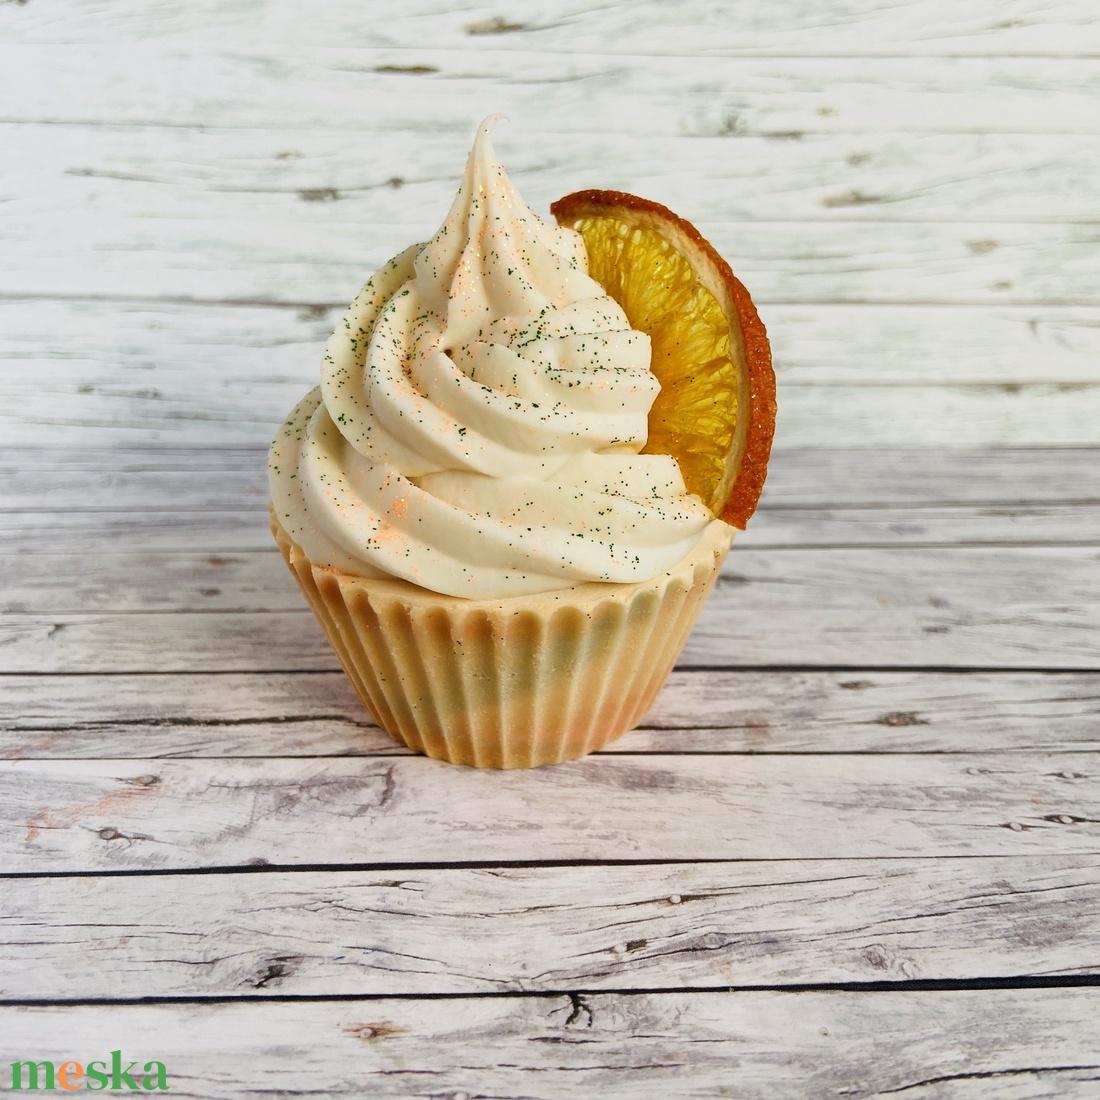 Kézműves organikus süti szappan - Citrus Love - szépségápolás - szappan & fürdés - kézműves szappan - Meska.hu